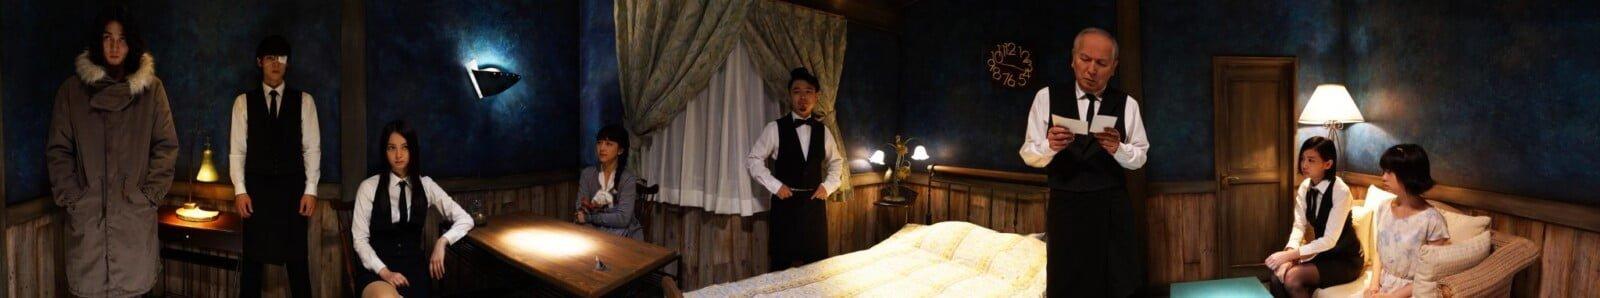 映画『東京喰種 トーキョーグール』第3弾キャスト発表!浜野謙太、佐々木希、栁俊太郎らが喫茶店「あんていく」メンバーに!